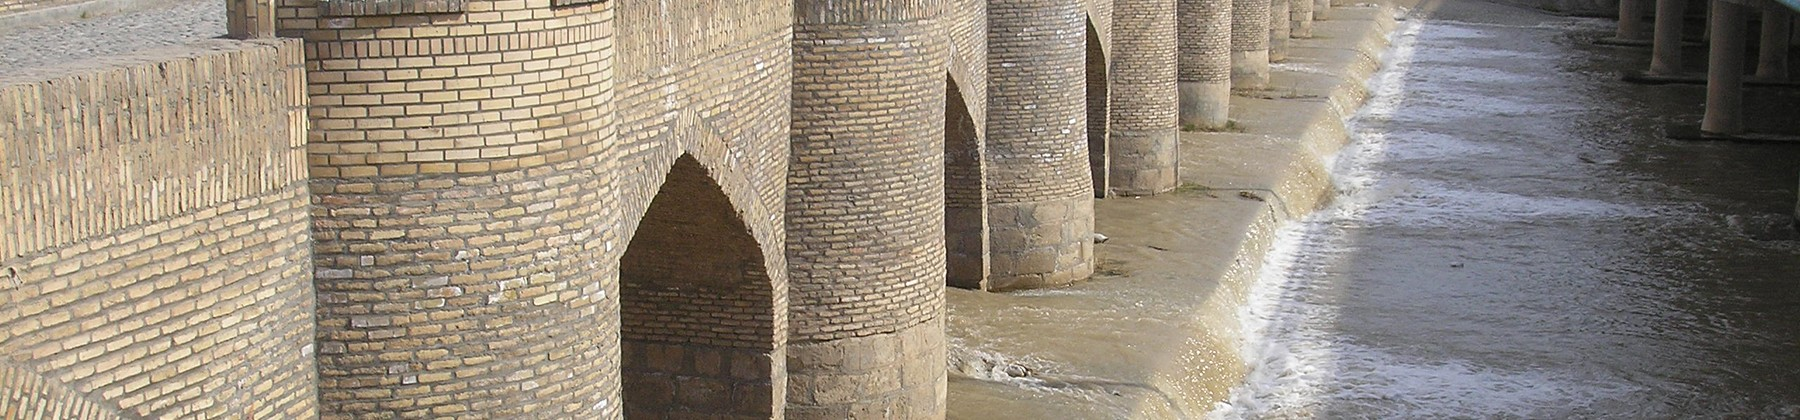 Karshi Bridge - 1